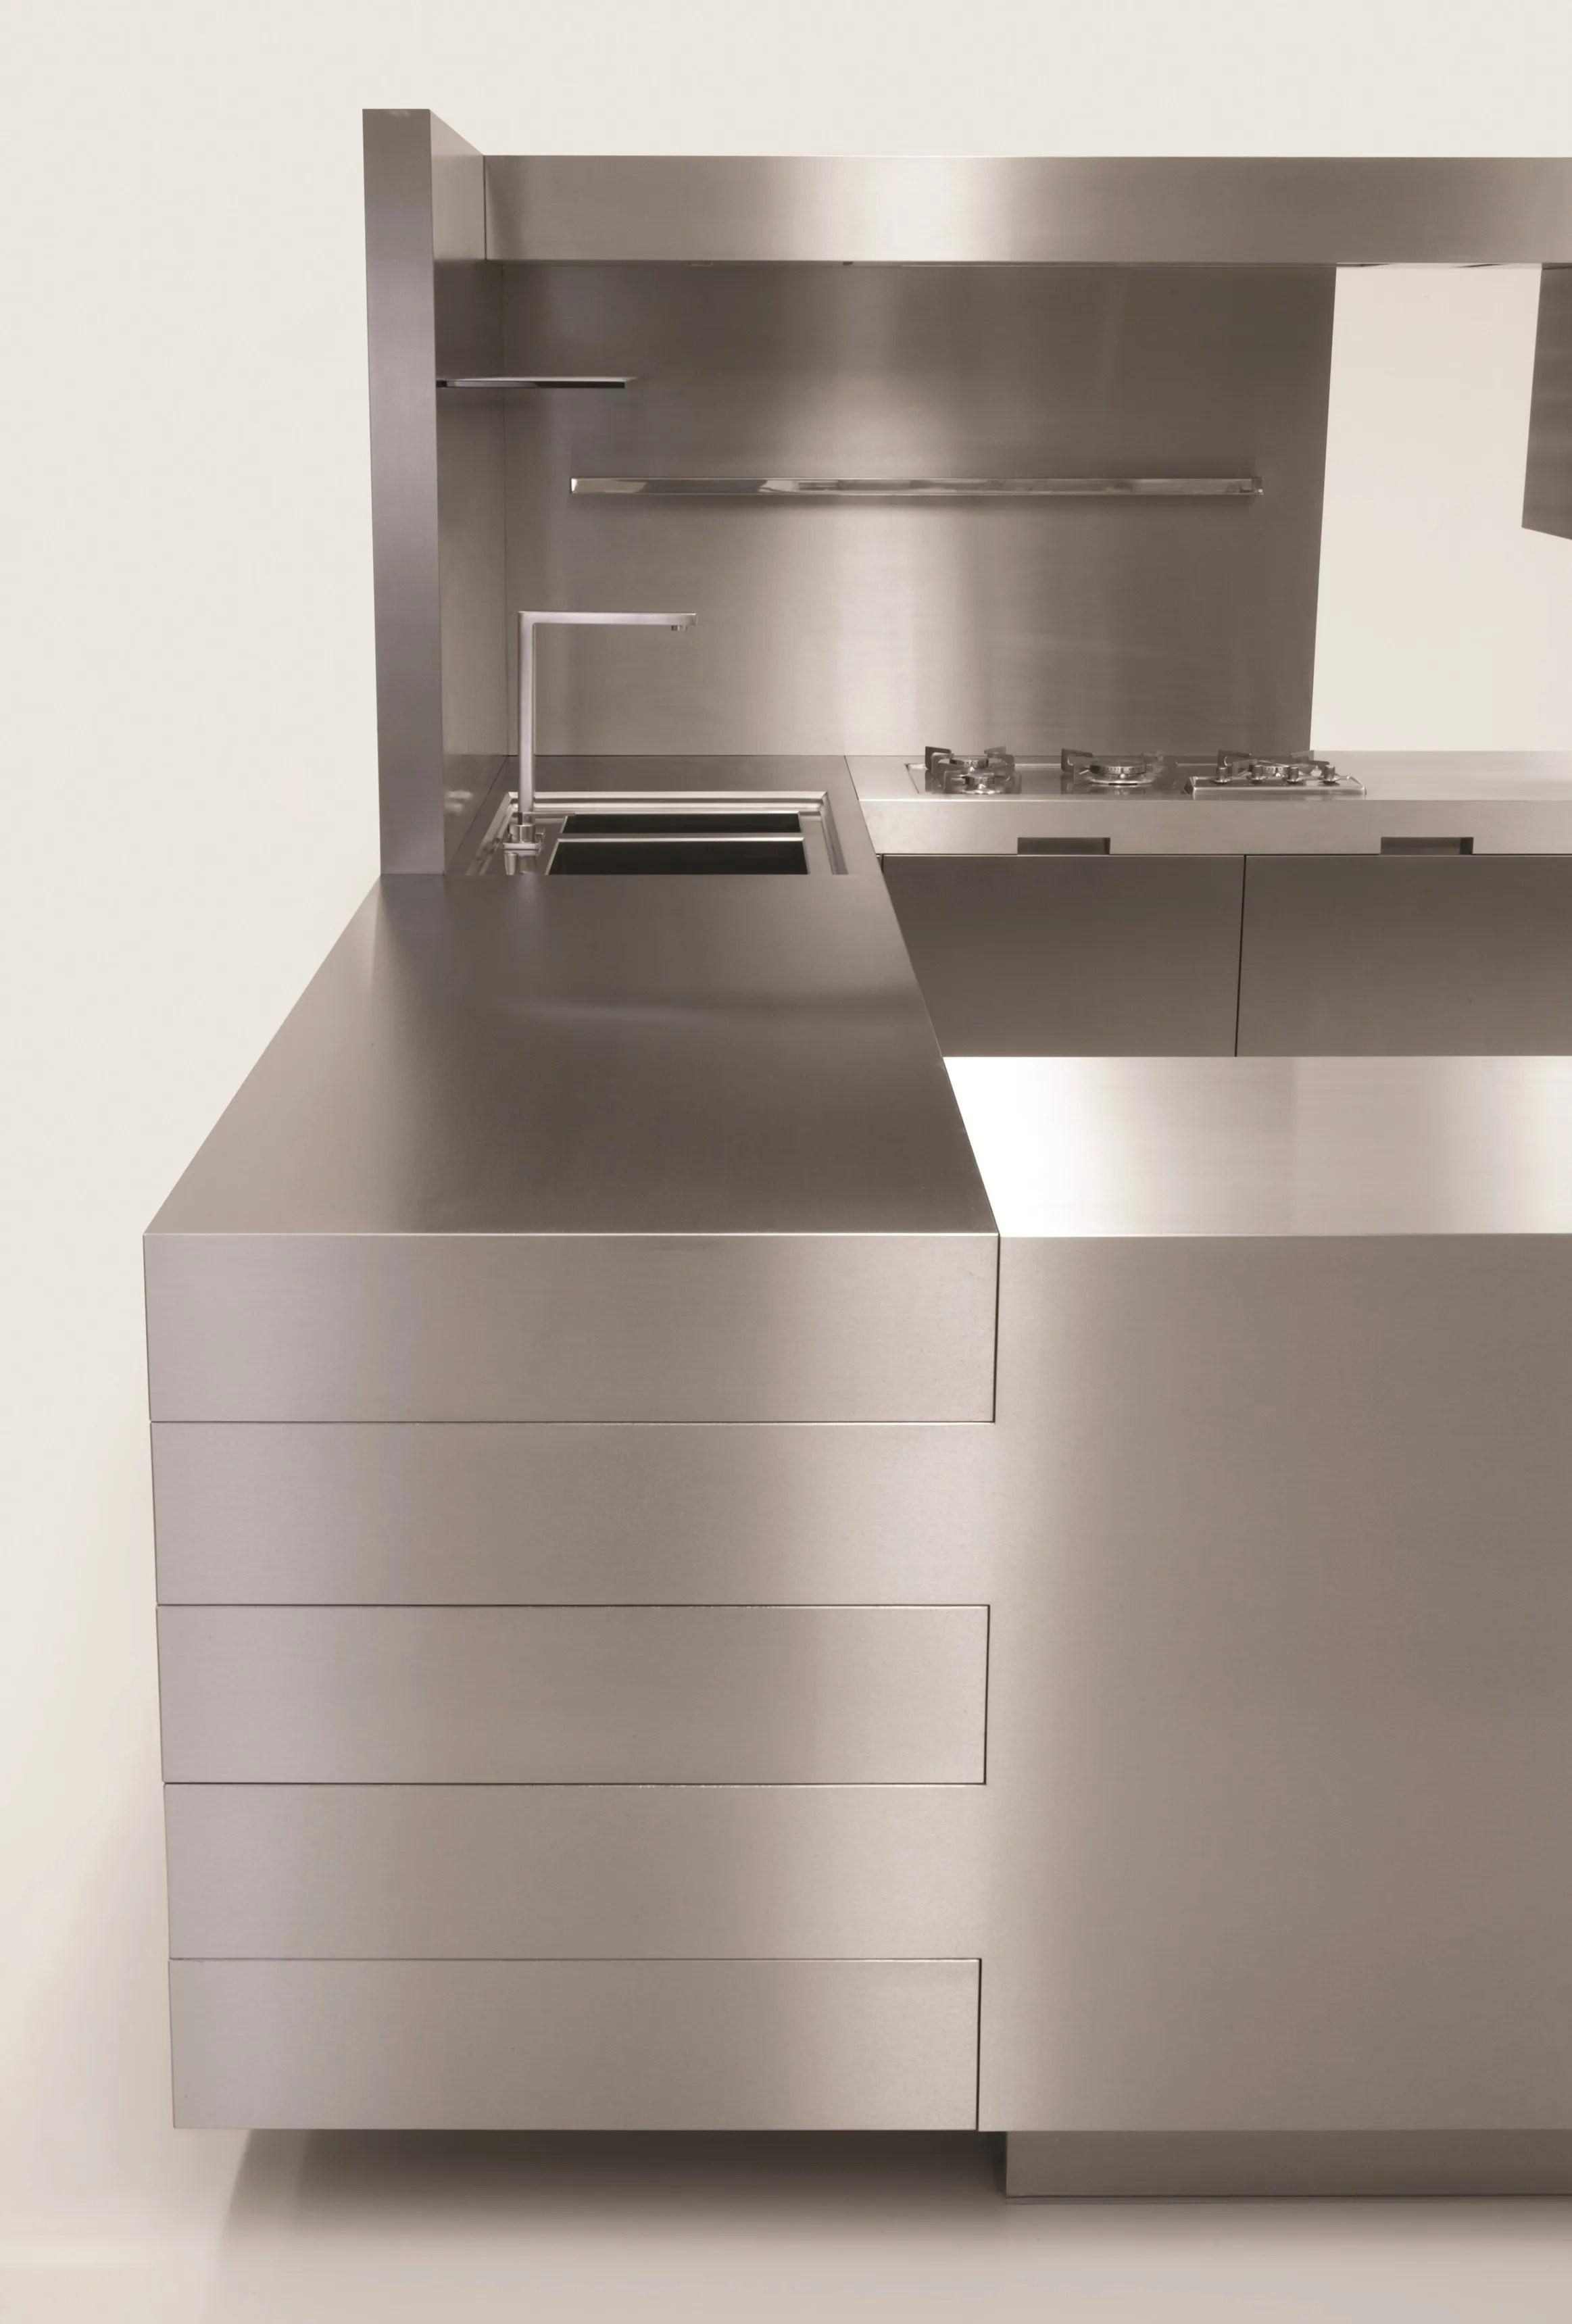 Cucina in acciaio inox K02 npu evolution by Strato Cucine design Marco Gorini